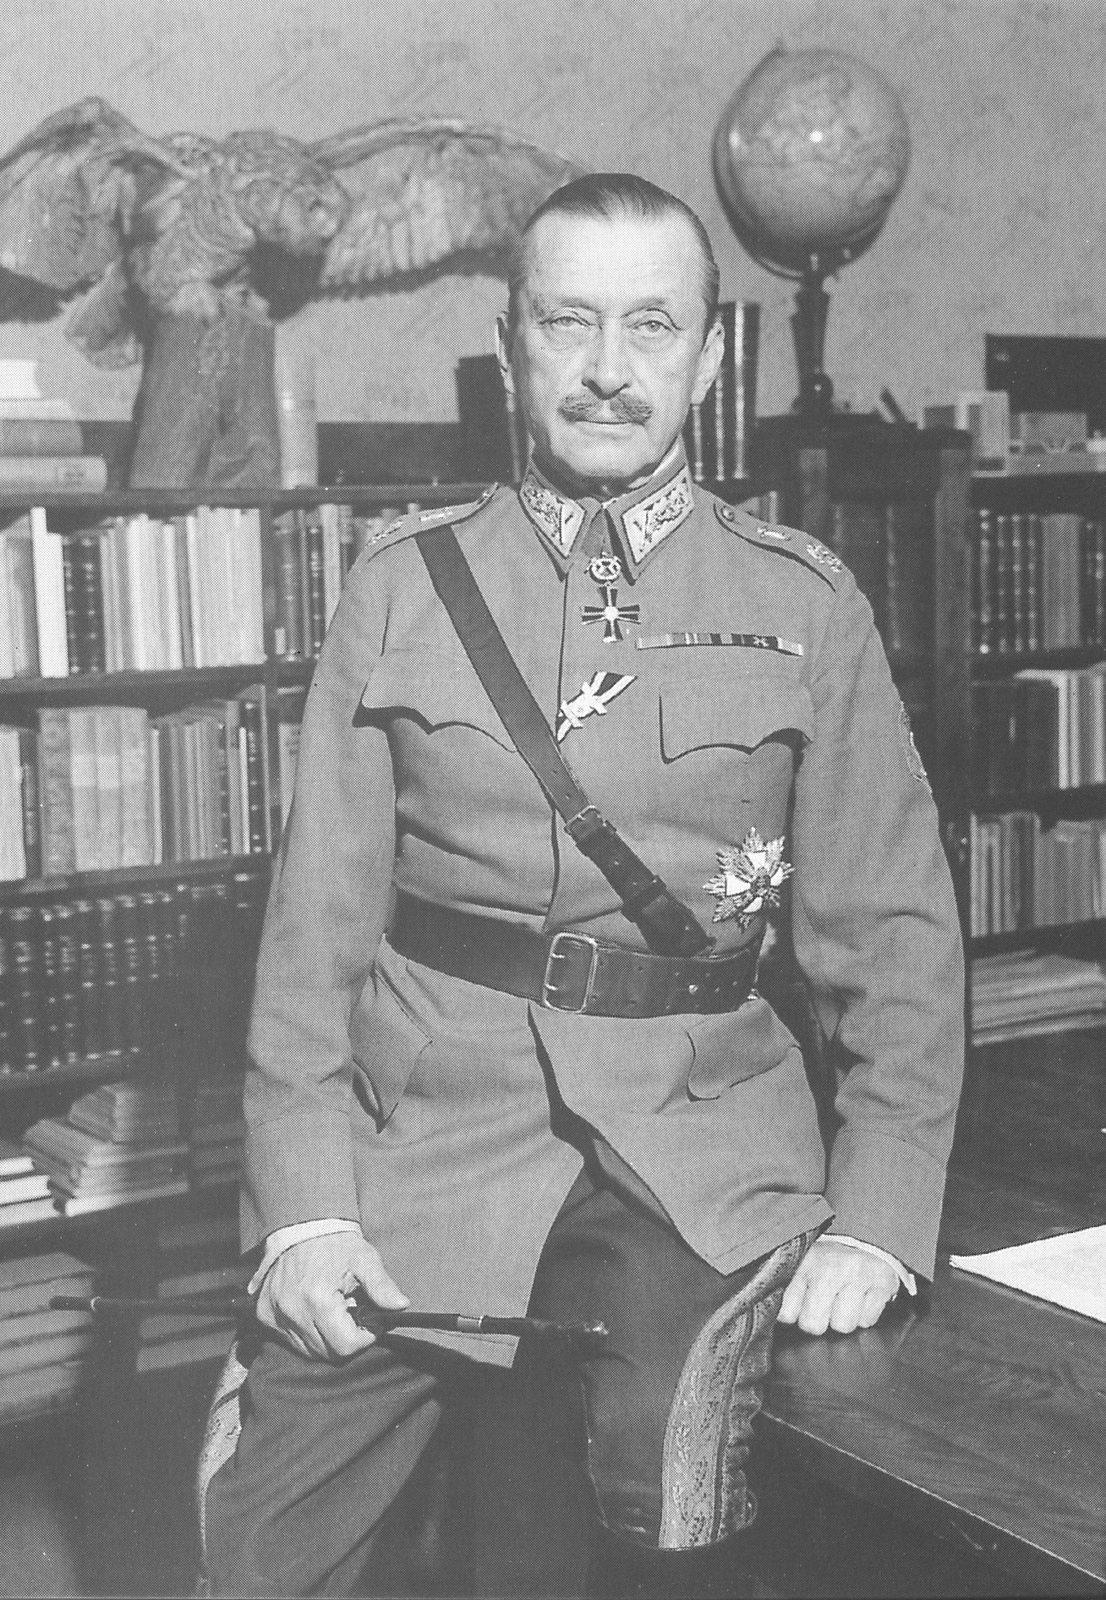 Marsalkka Mannerheim Mikkeli.